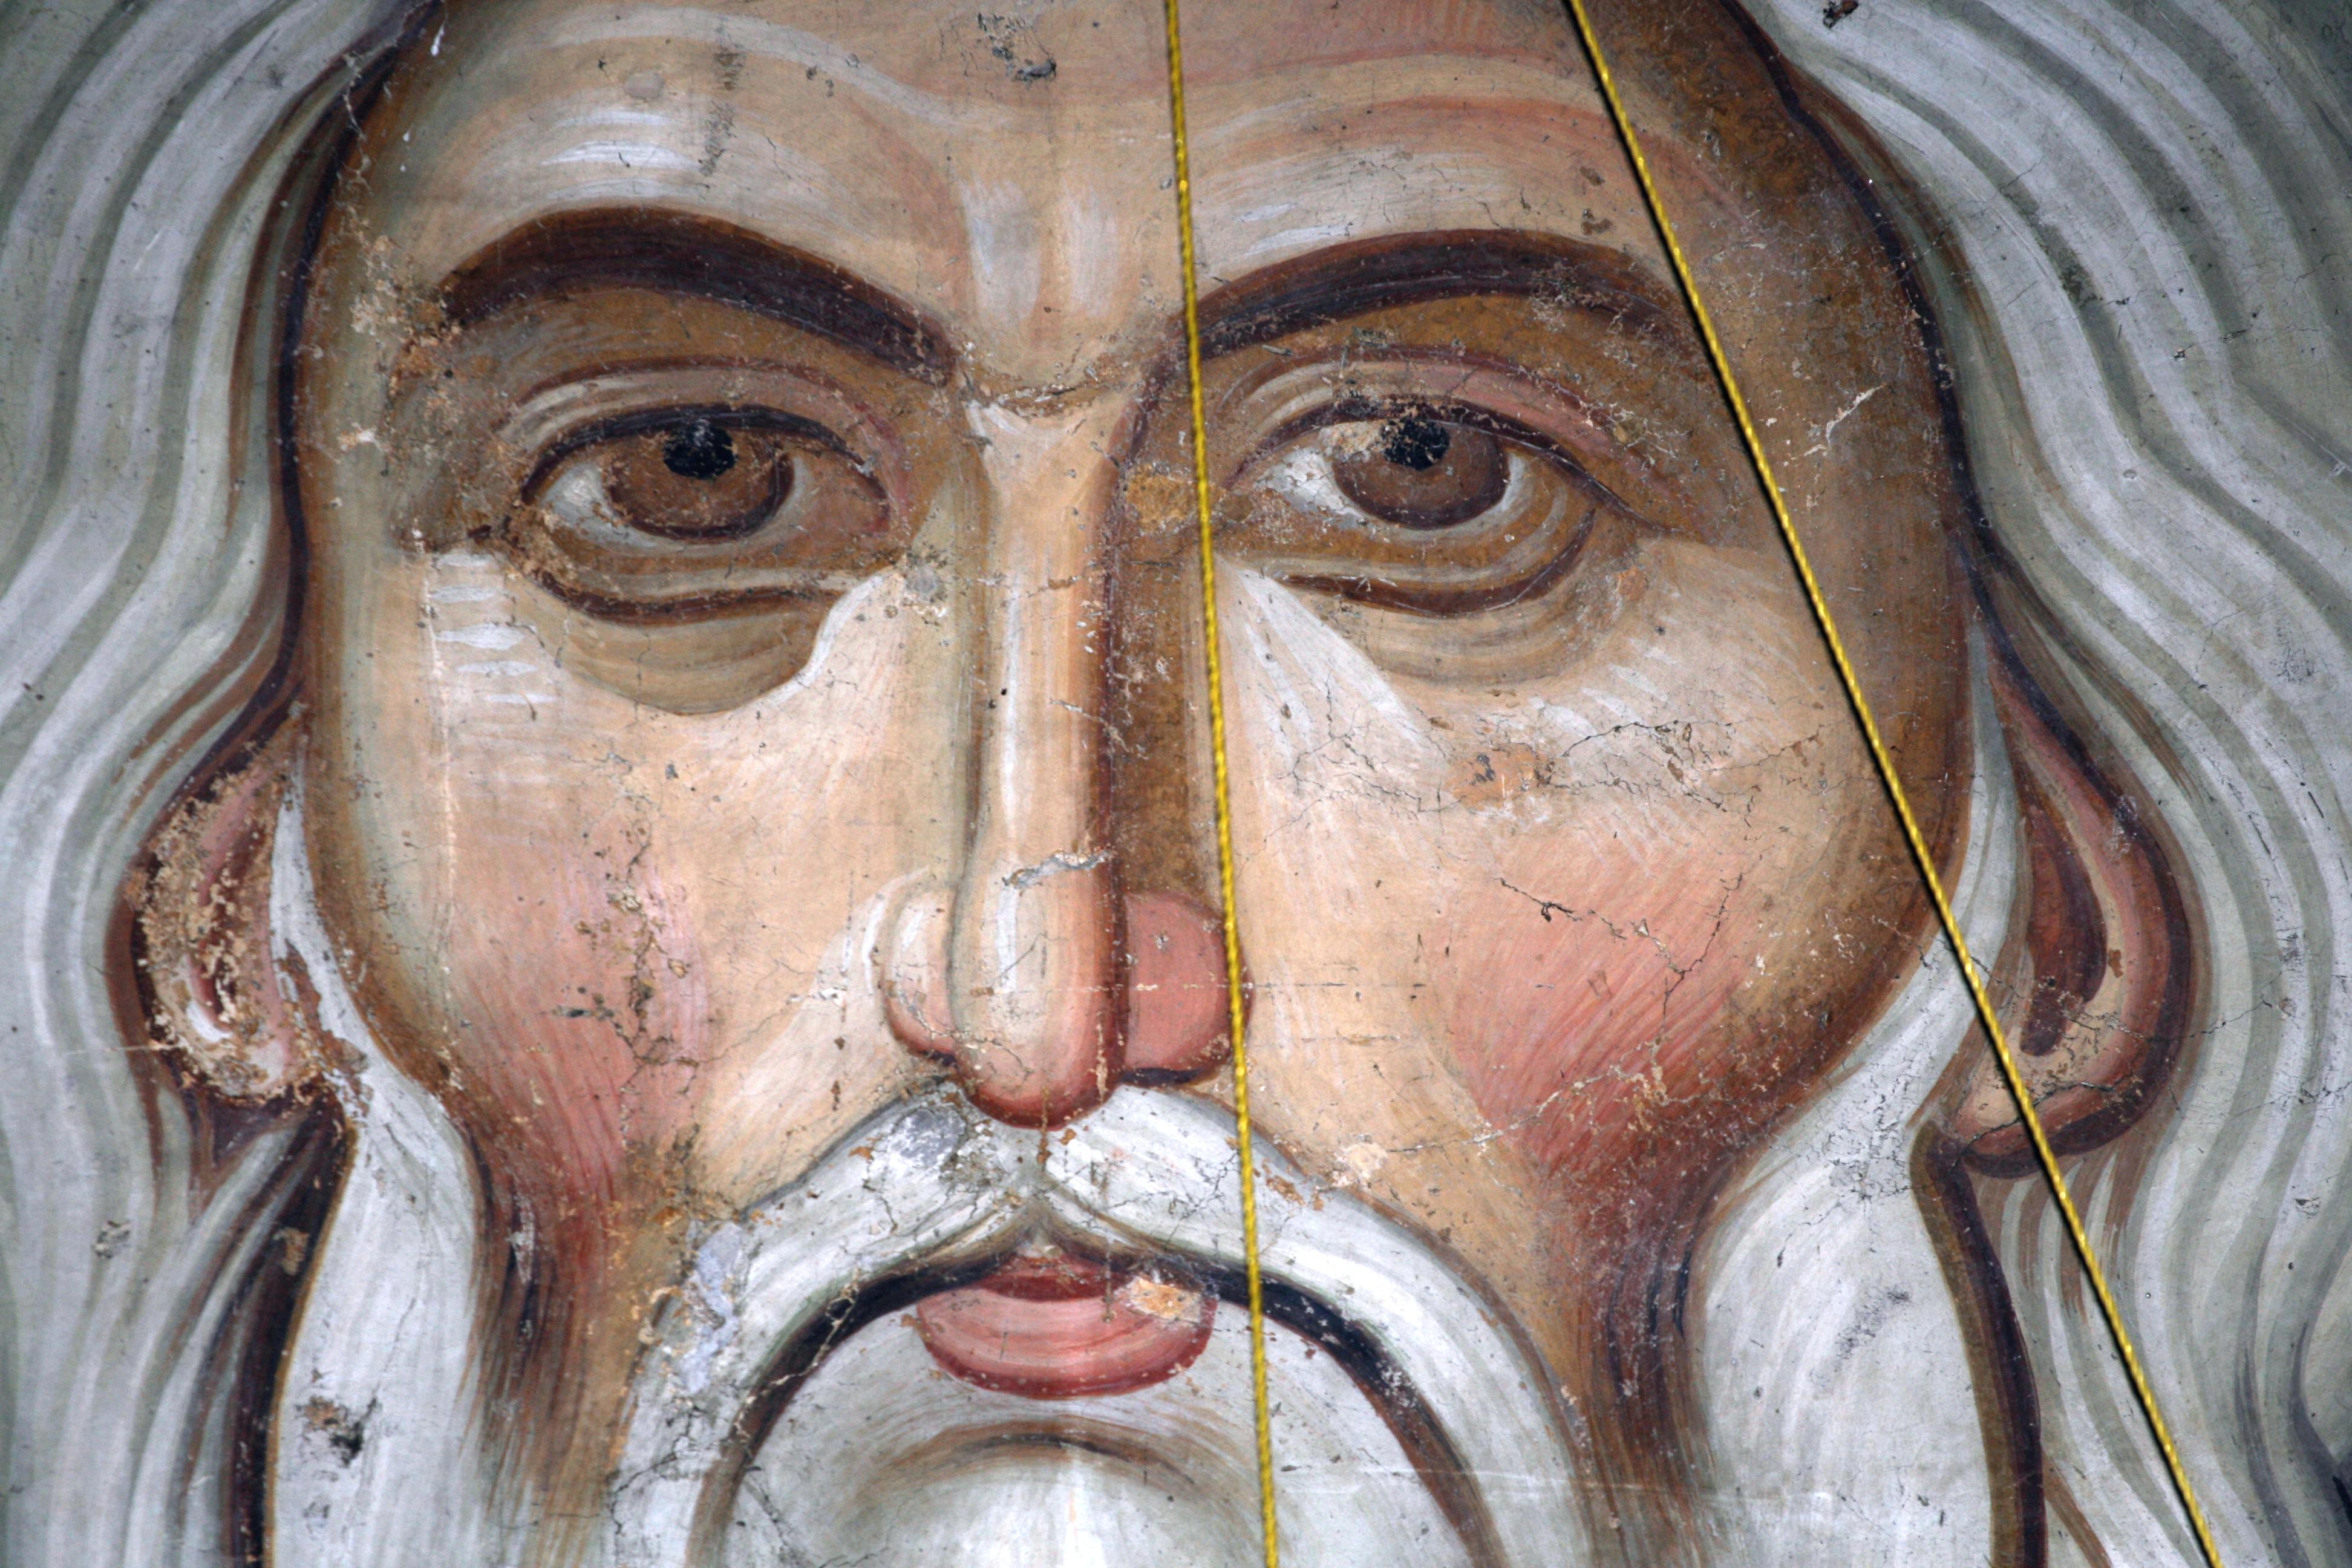 Христос Ветхий денми. Фреска XIV века в нартексе (притворе) комплекса Печской Патриархии, Косово, Сербия. Фрагмент.